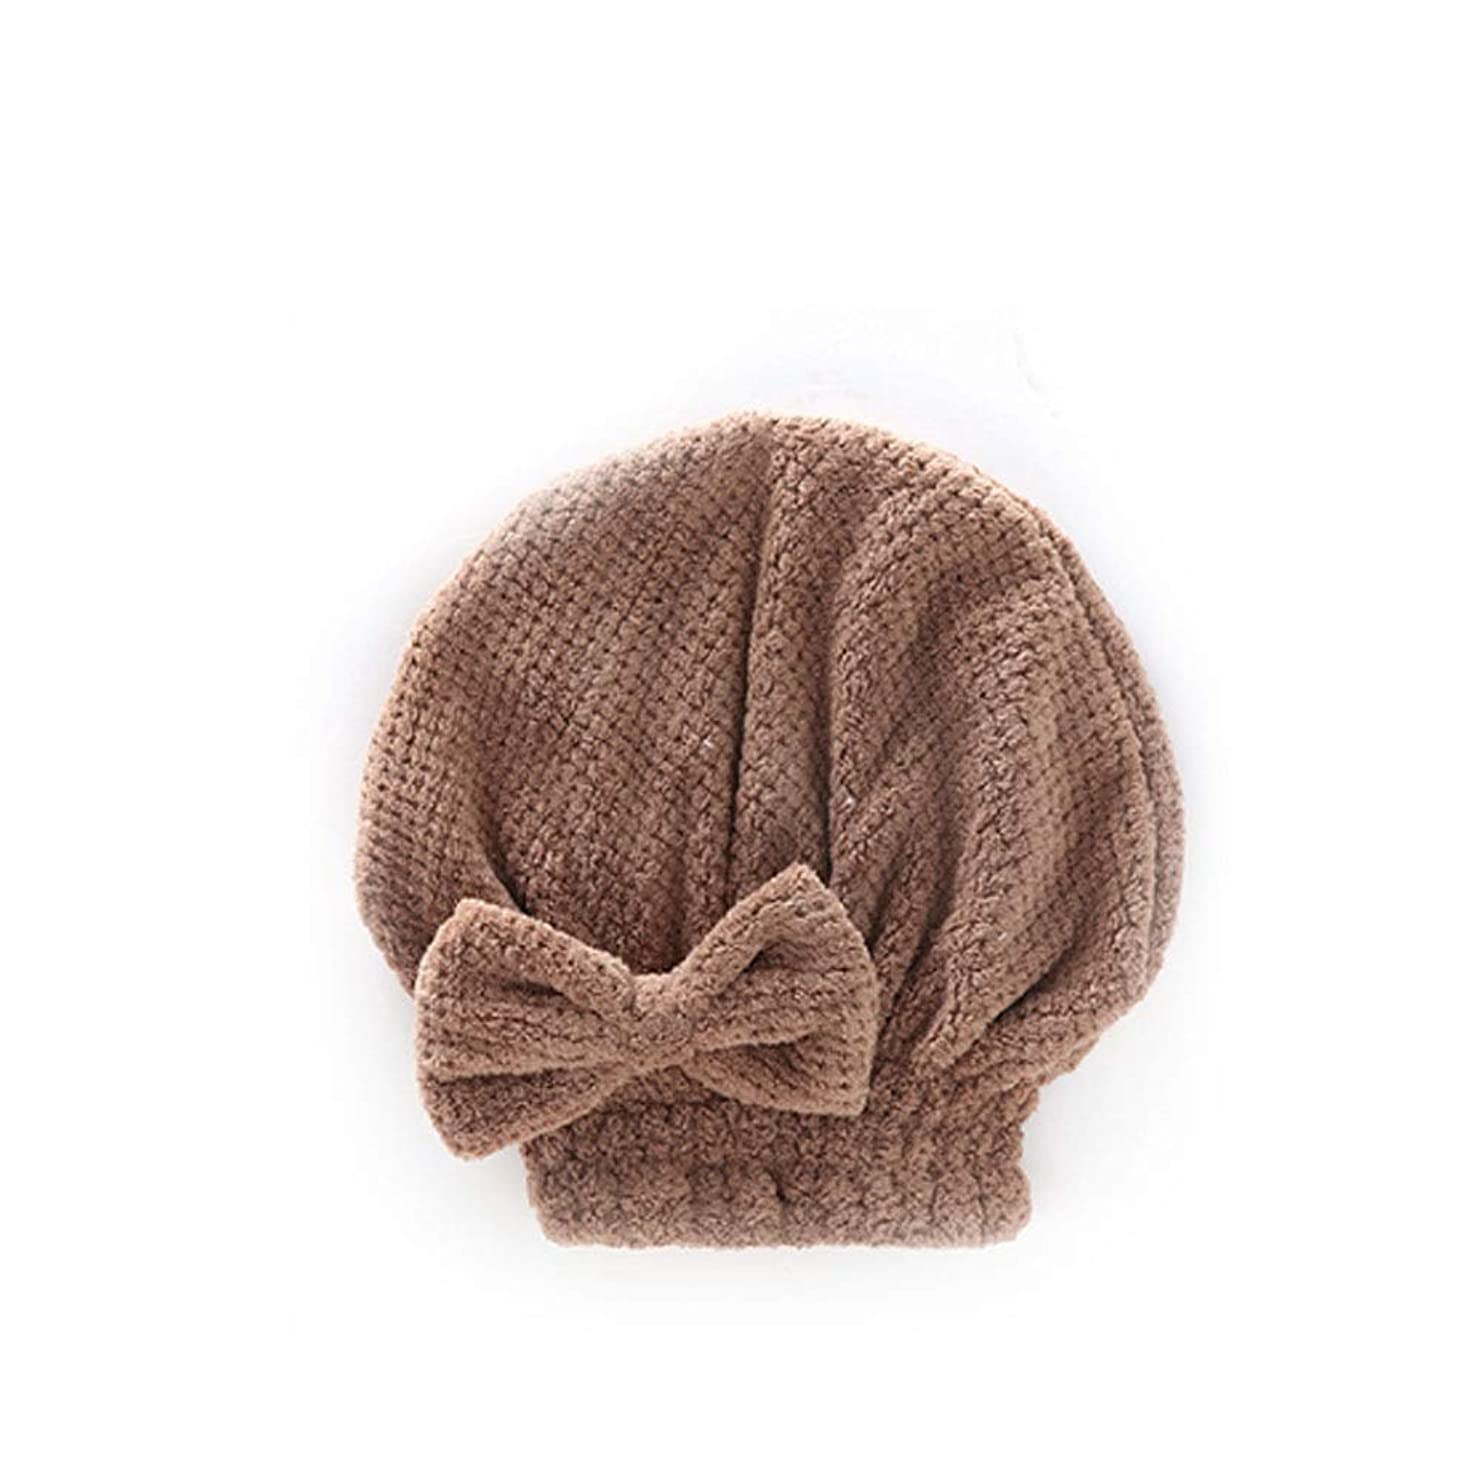 哲学者うそつき不可能なシャワーキャップ、婦人用ドライシャワーキャップデラックスシャワーキャップ、髪の毛の長さと太さ、再利用可能なシャワーキャップ。 (Color : Brown)